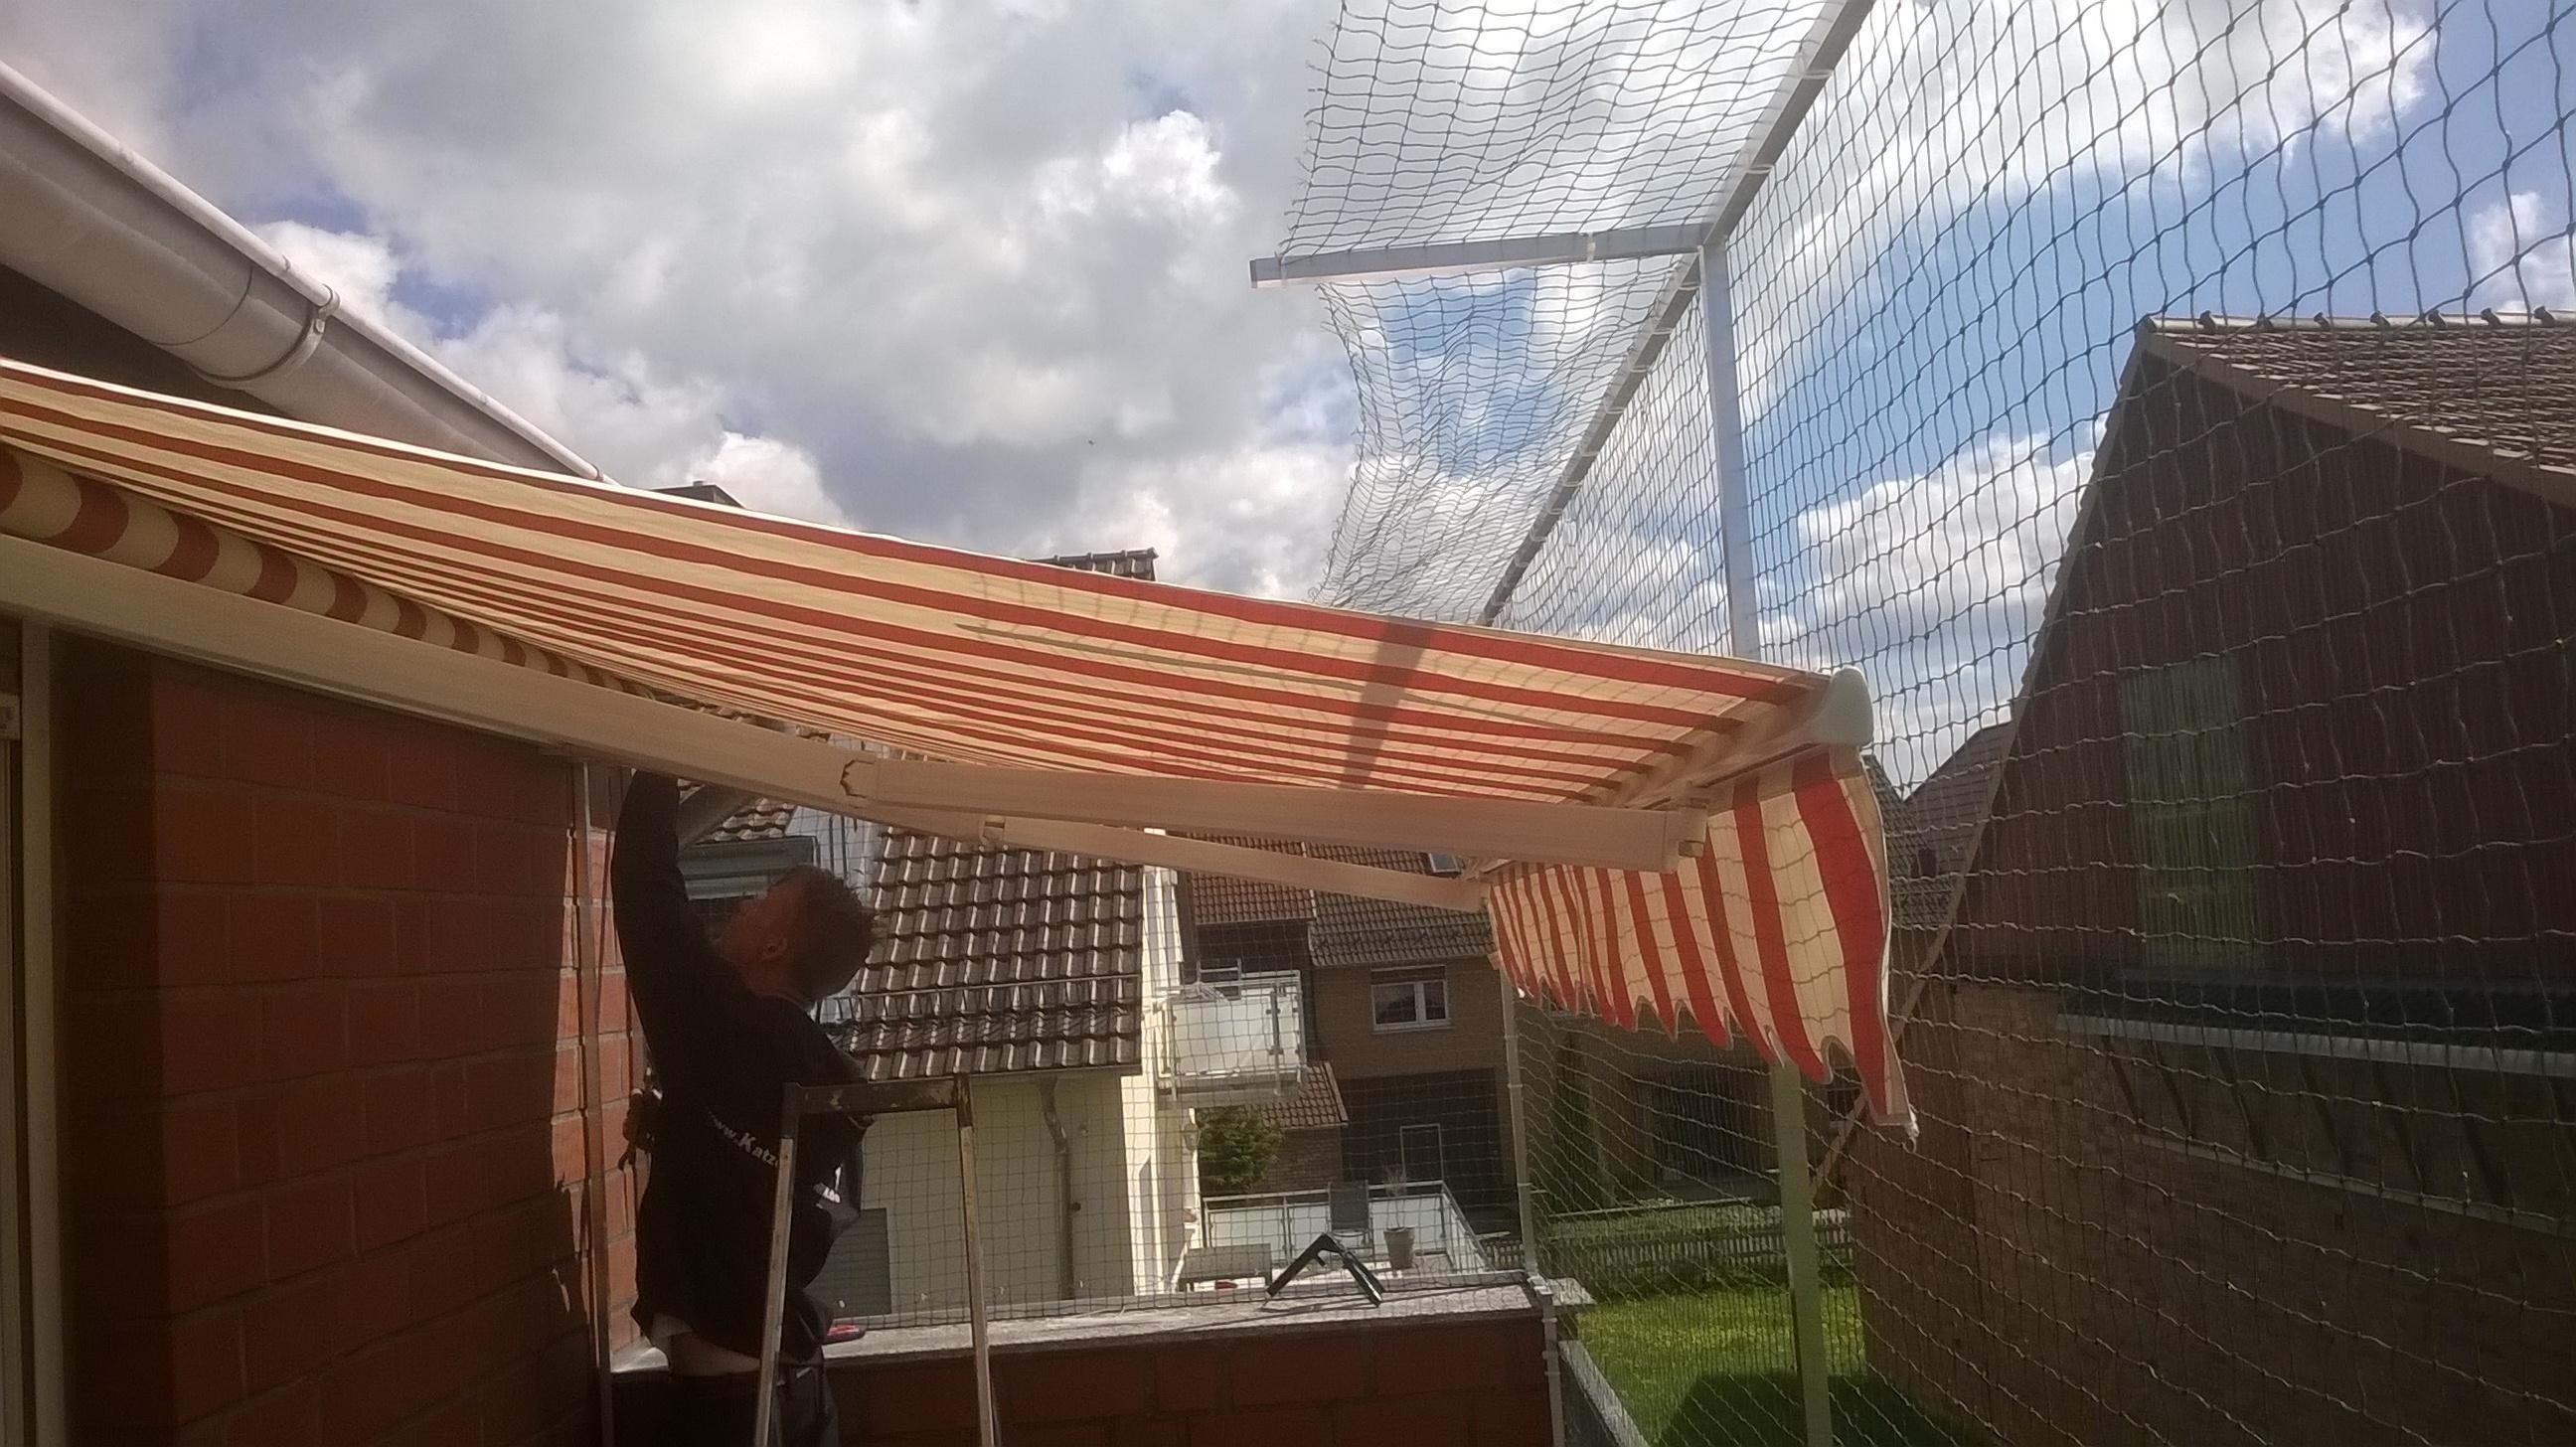 Freistehendes Katzennetz F R Balkon Ohne Bohren